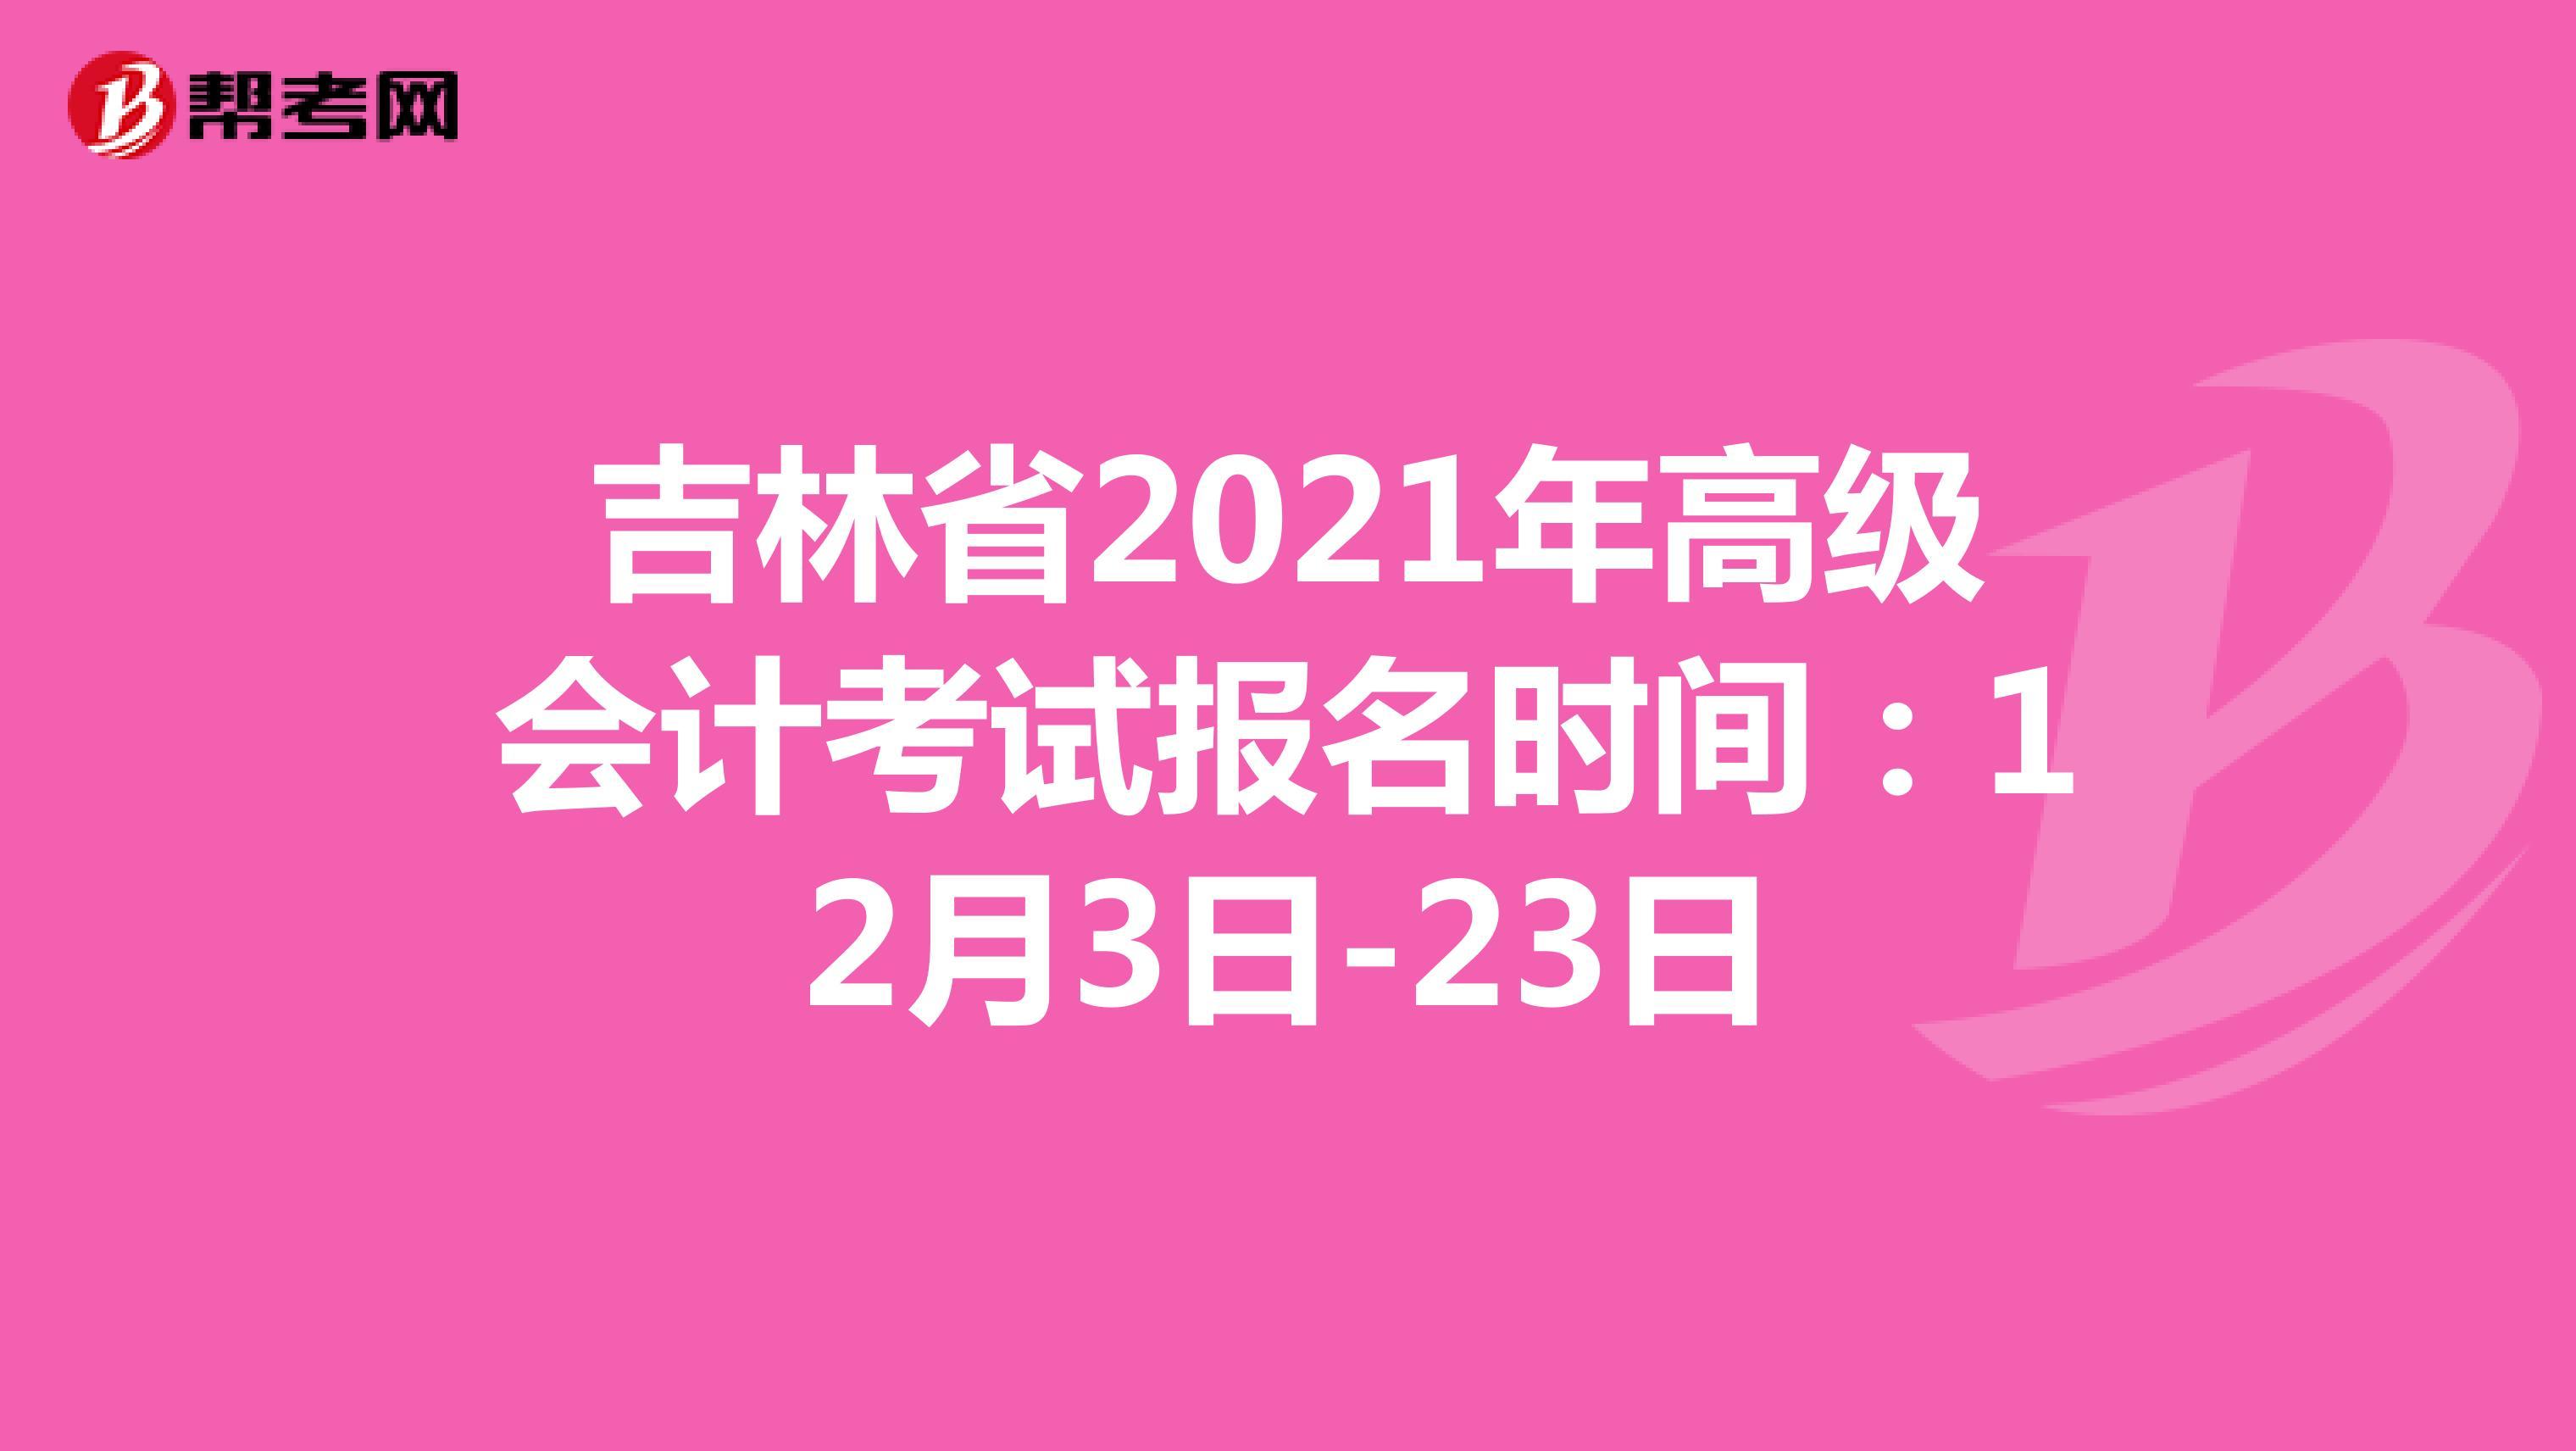 吉林省2021年高级会计考试报名时间:12月3日-23日